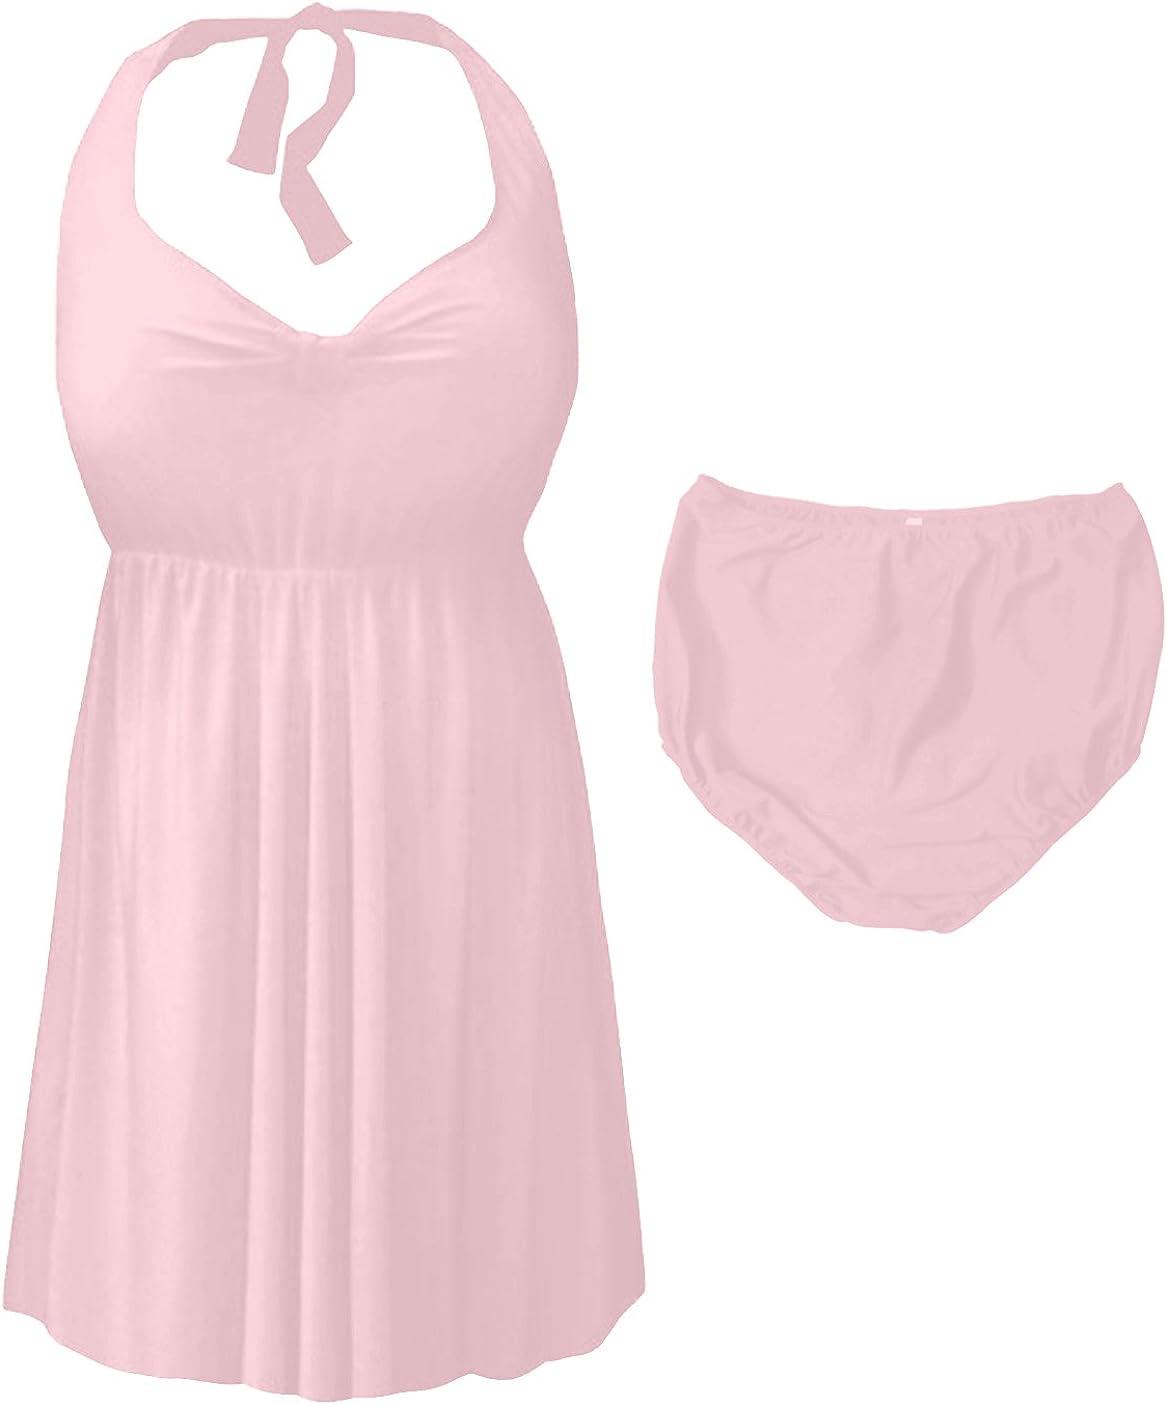 Sanctuarie Designs Light Pink 2 Piece Halter Style Plus Size Swimdress